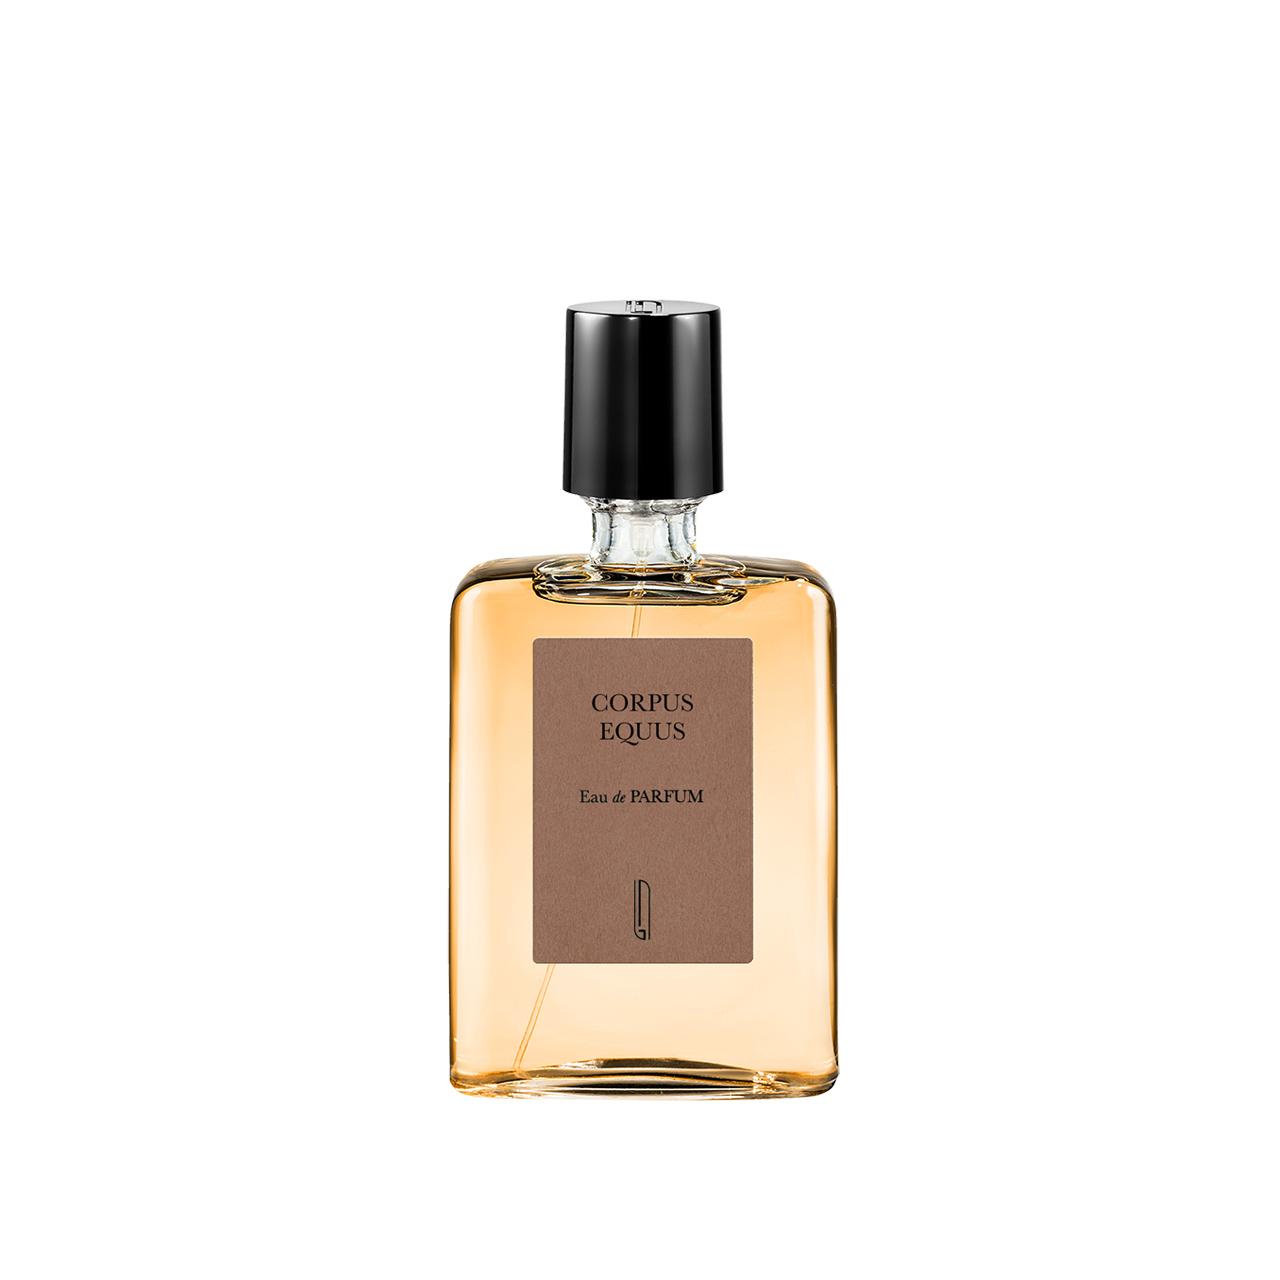 CORPUS EQUUS - Eau de Parfum